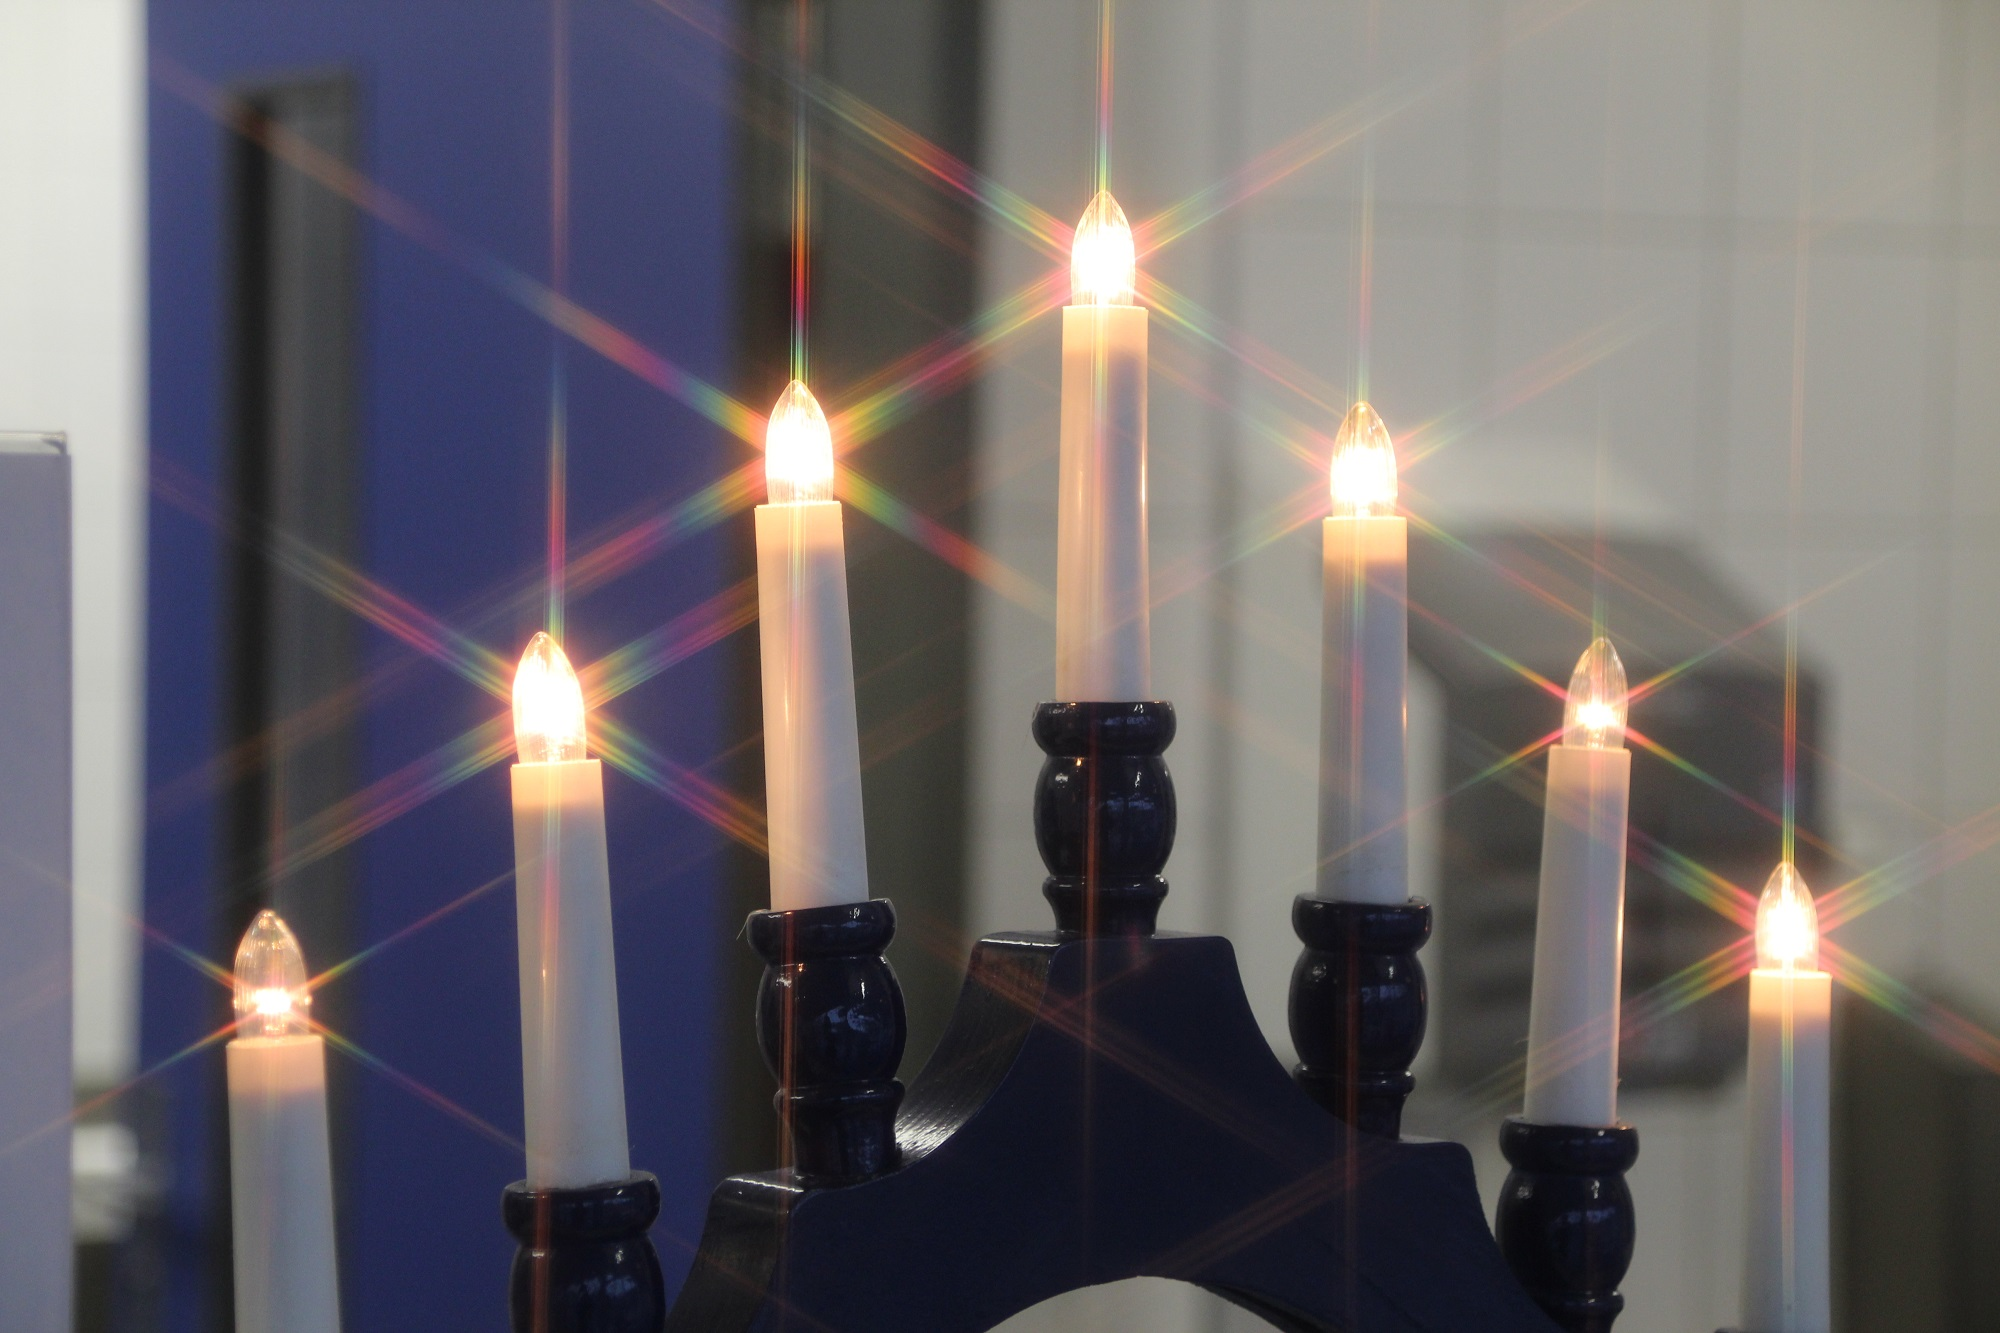 Praxis Lampen Aanbieding : Buitenlamp met sensor led praxis: lamp met bewegingsmelder praxis